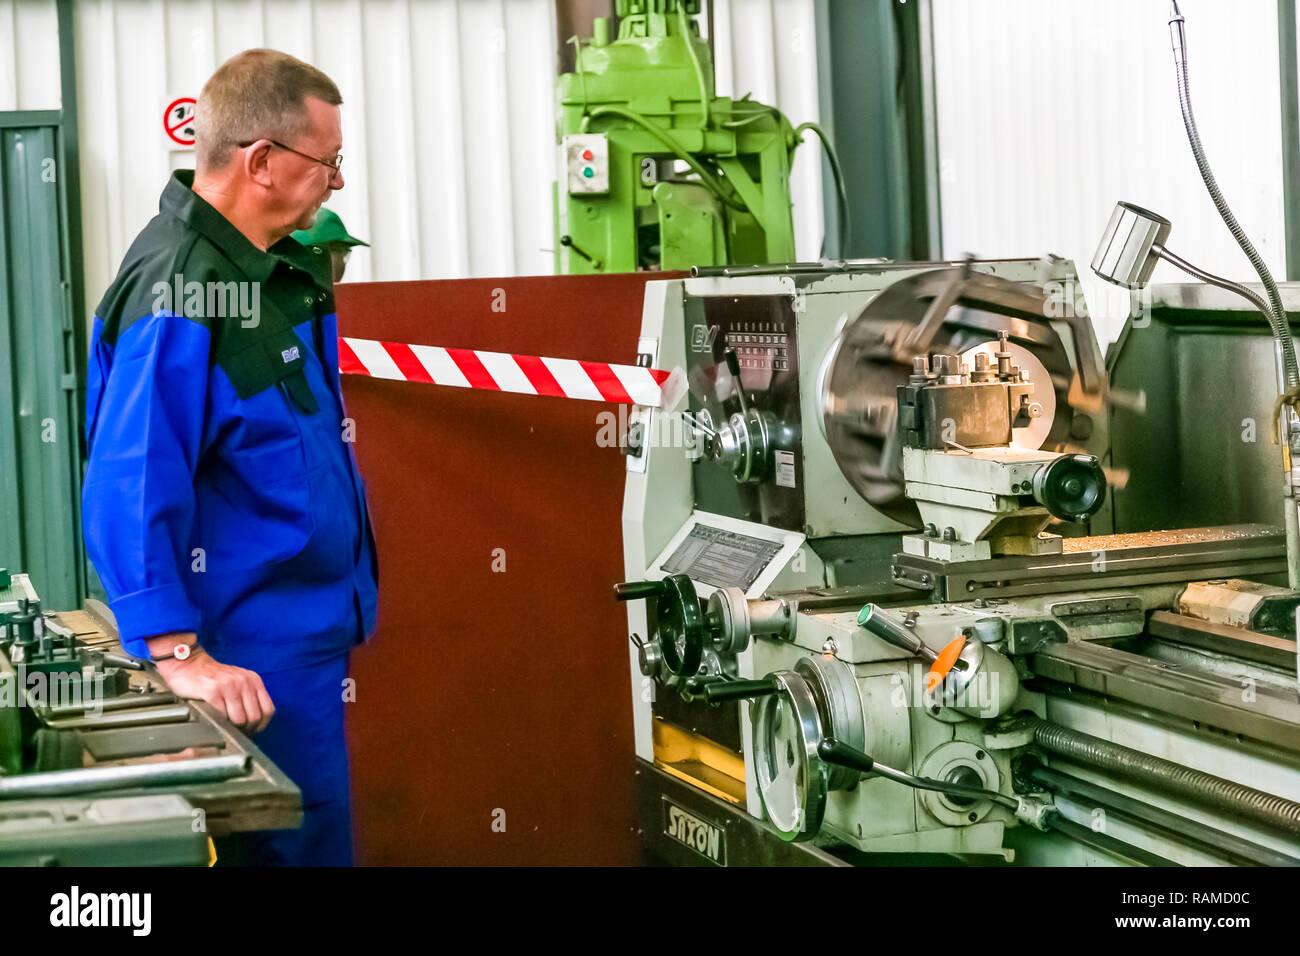 Johannesburg, Südafrika - 7. September 2016: Industrielle Fertigung und Montage des Ventils Werk Werk Stockbild